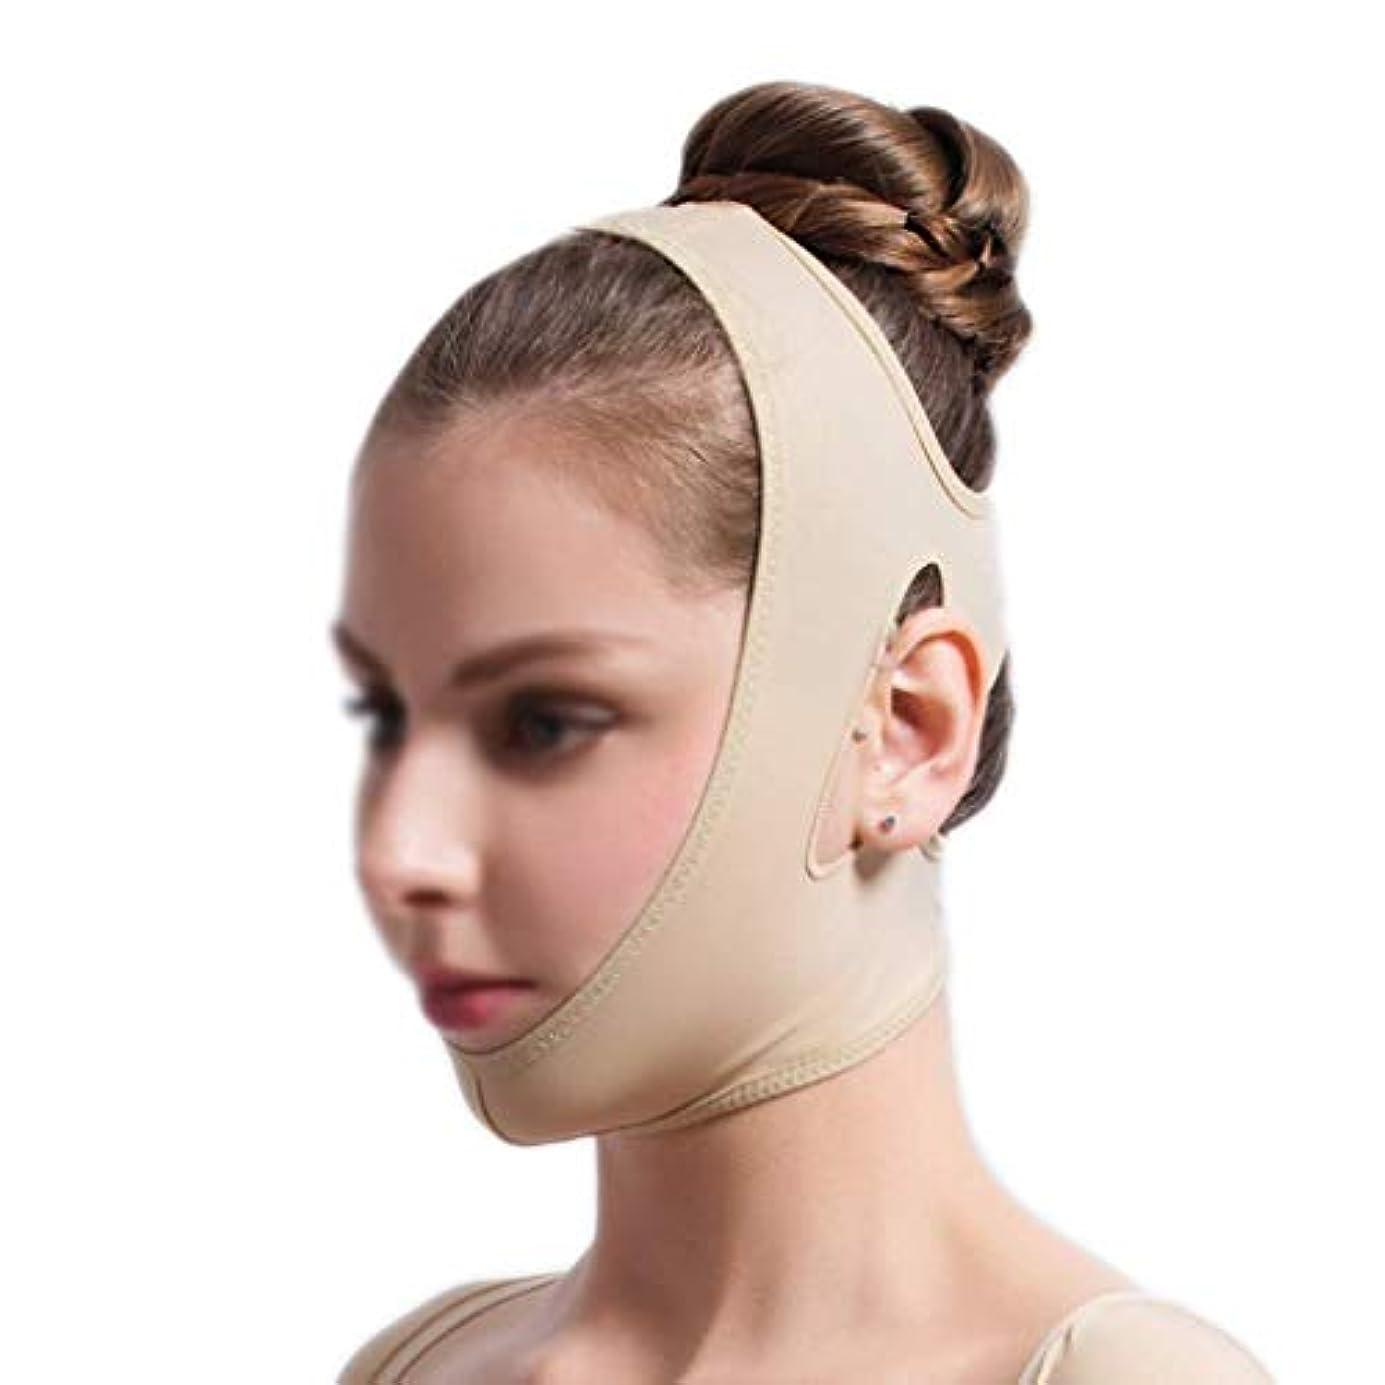 歪める学習者自動車フェイスリフティングバンデージ、フェイシャル減量マスク、フェイシャルリフティングスリミングベルト、痩身チークマスク(サイズ:S),M